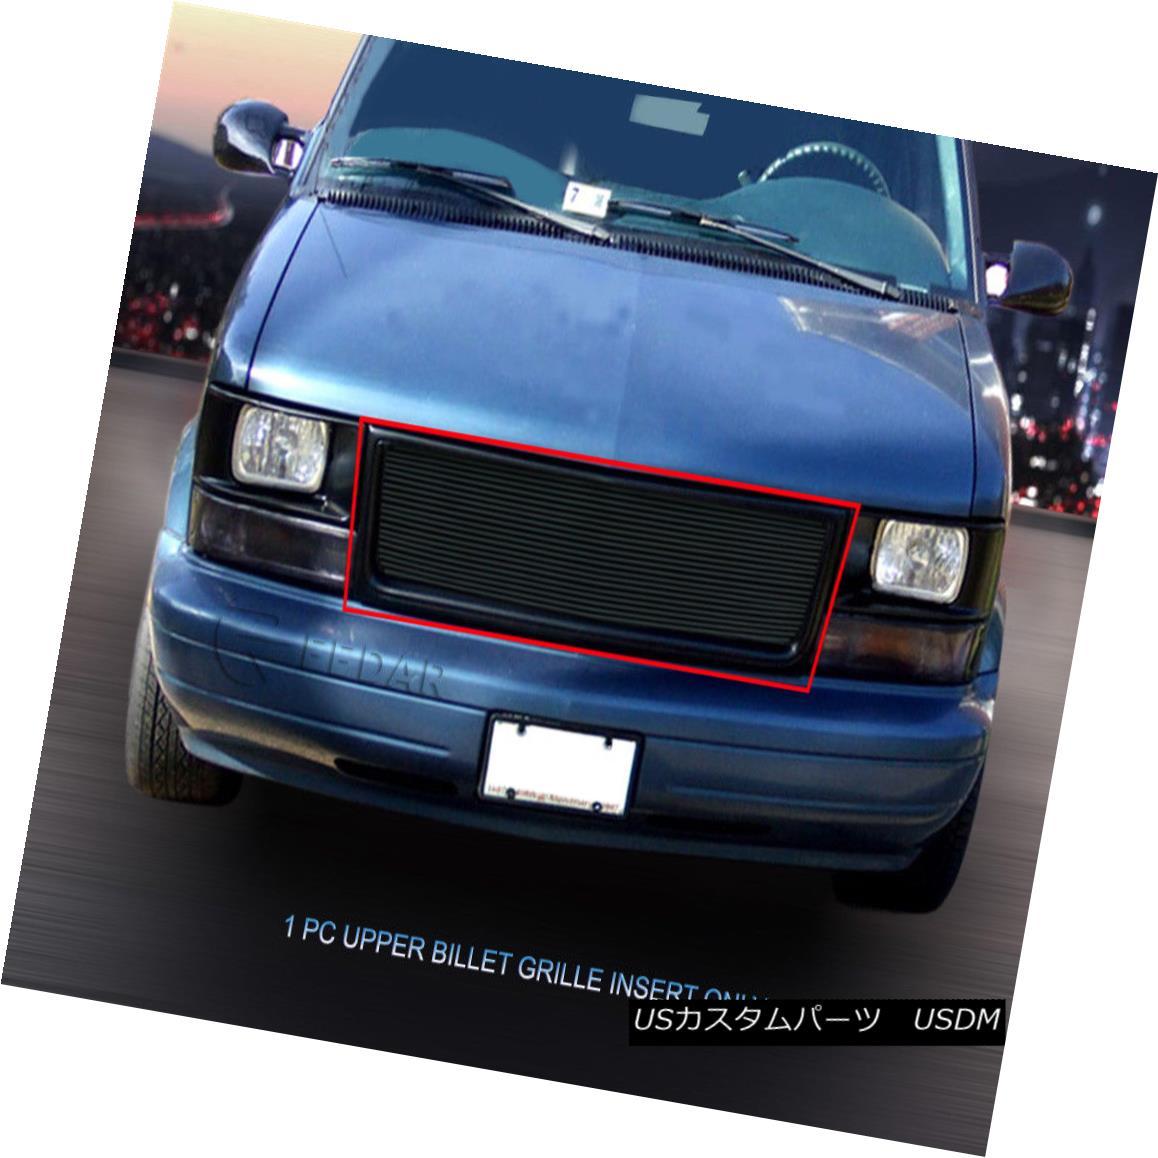 グリル 95-05 GMC Safari Van Black Billet Grille Grill Insert Fedar 95-05 GMCサファリヴァンブラックビレットグリルグリルインサートフェルダー